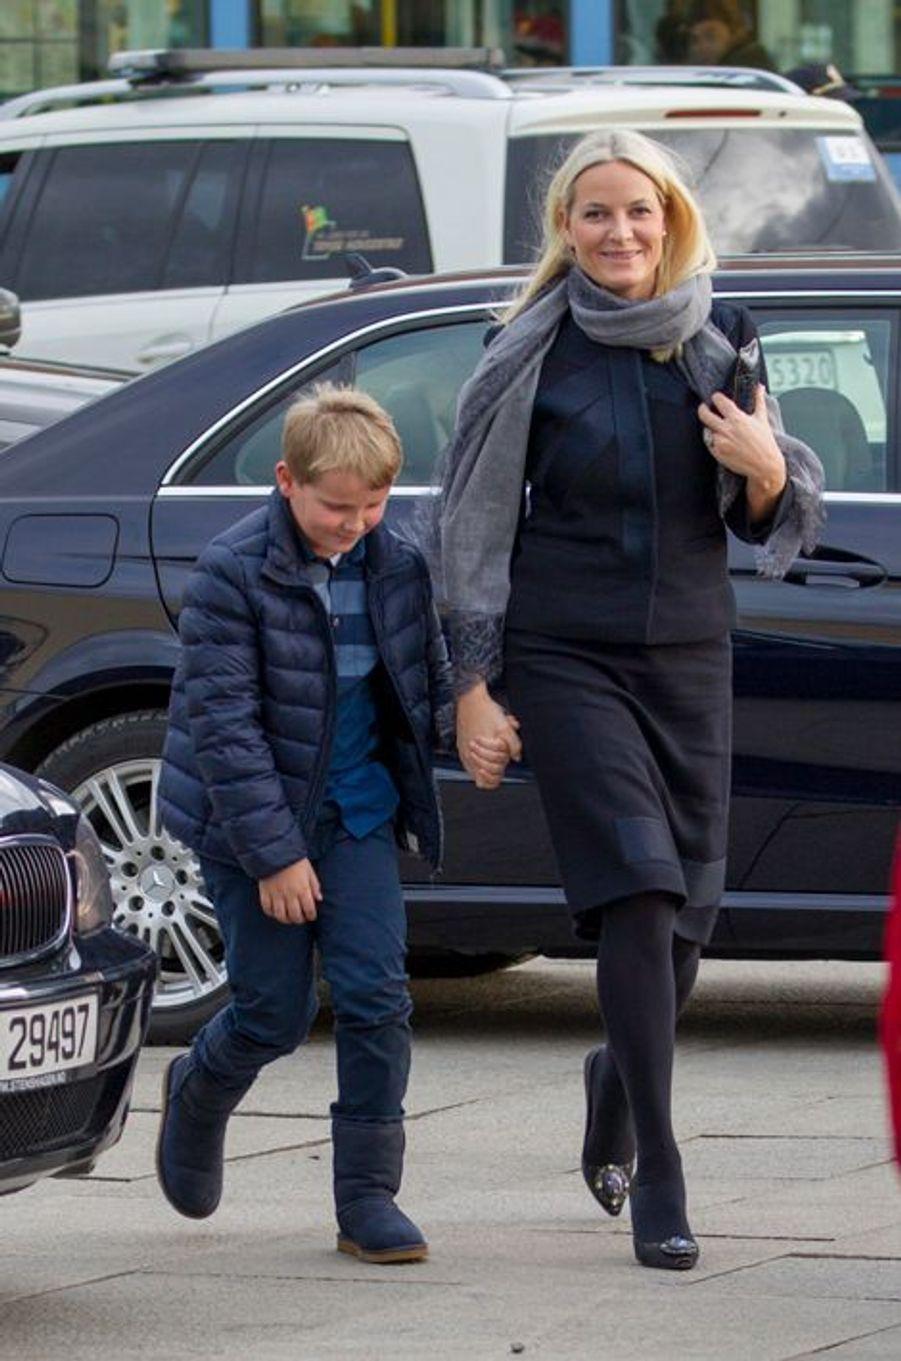 La princesse Mette-Marit de Novège et son fils le prince Sverre Magnus à Oslo, le 10 décembre 2015